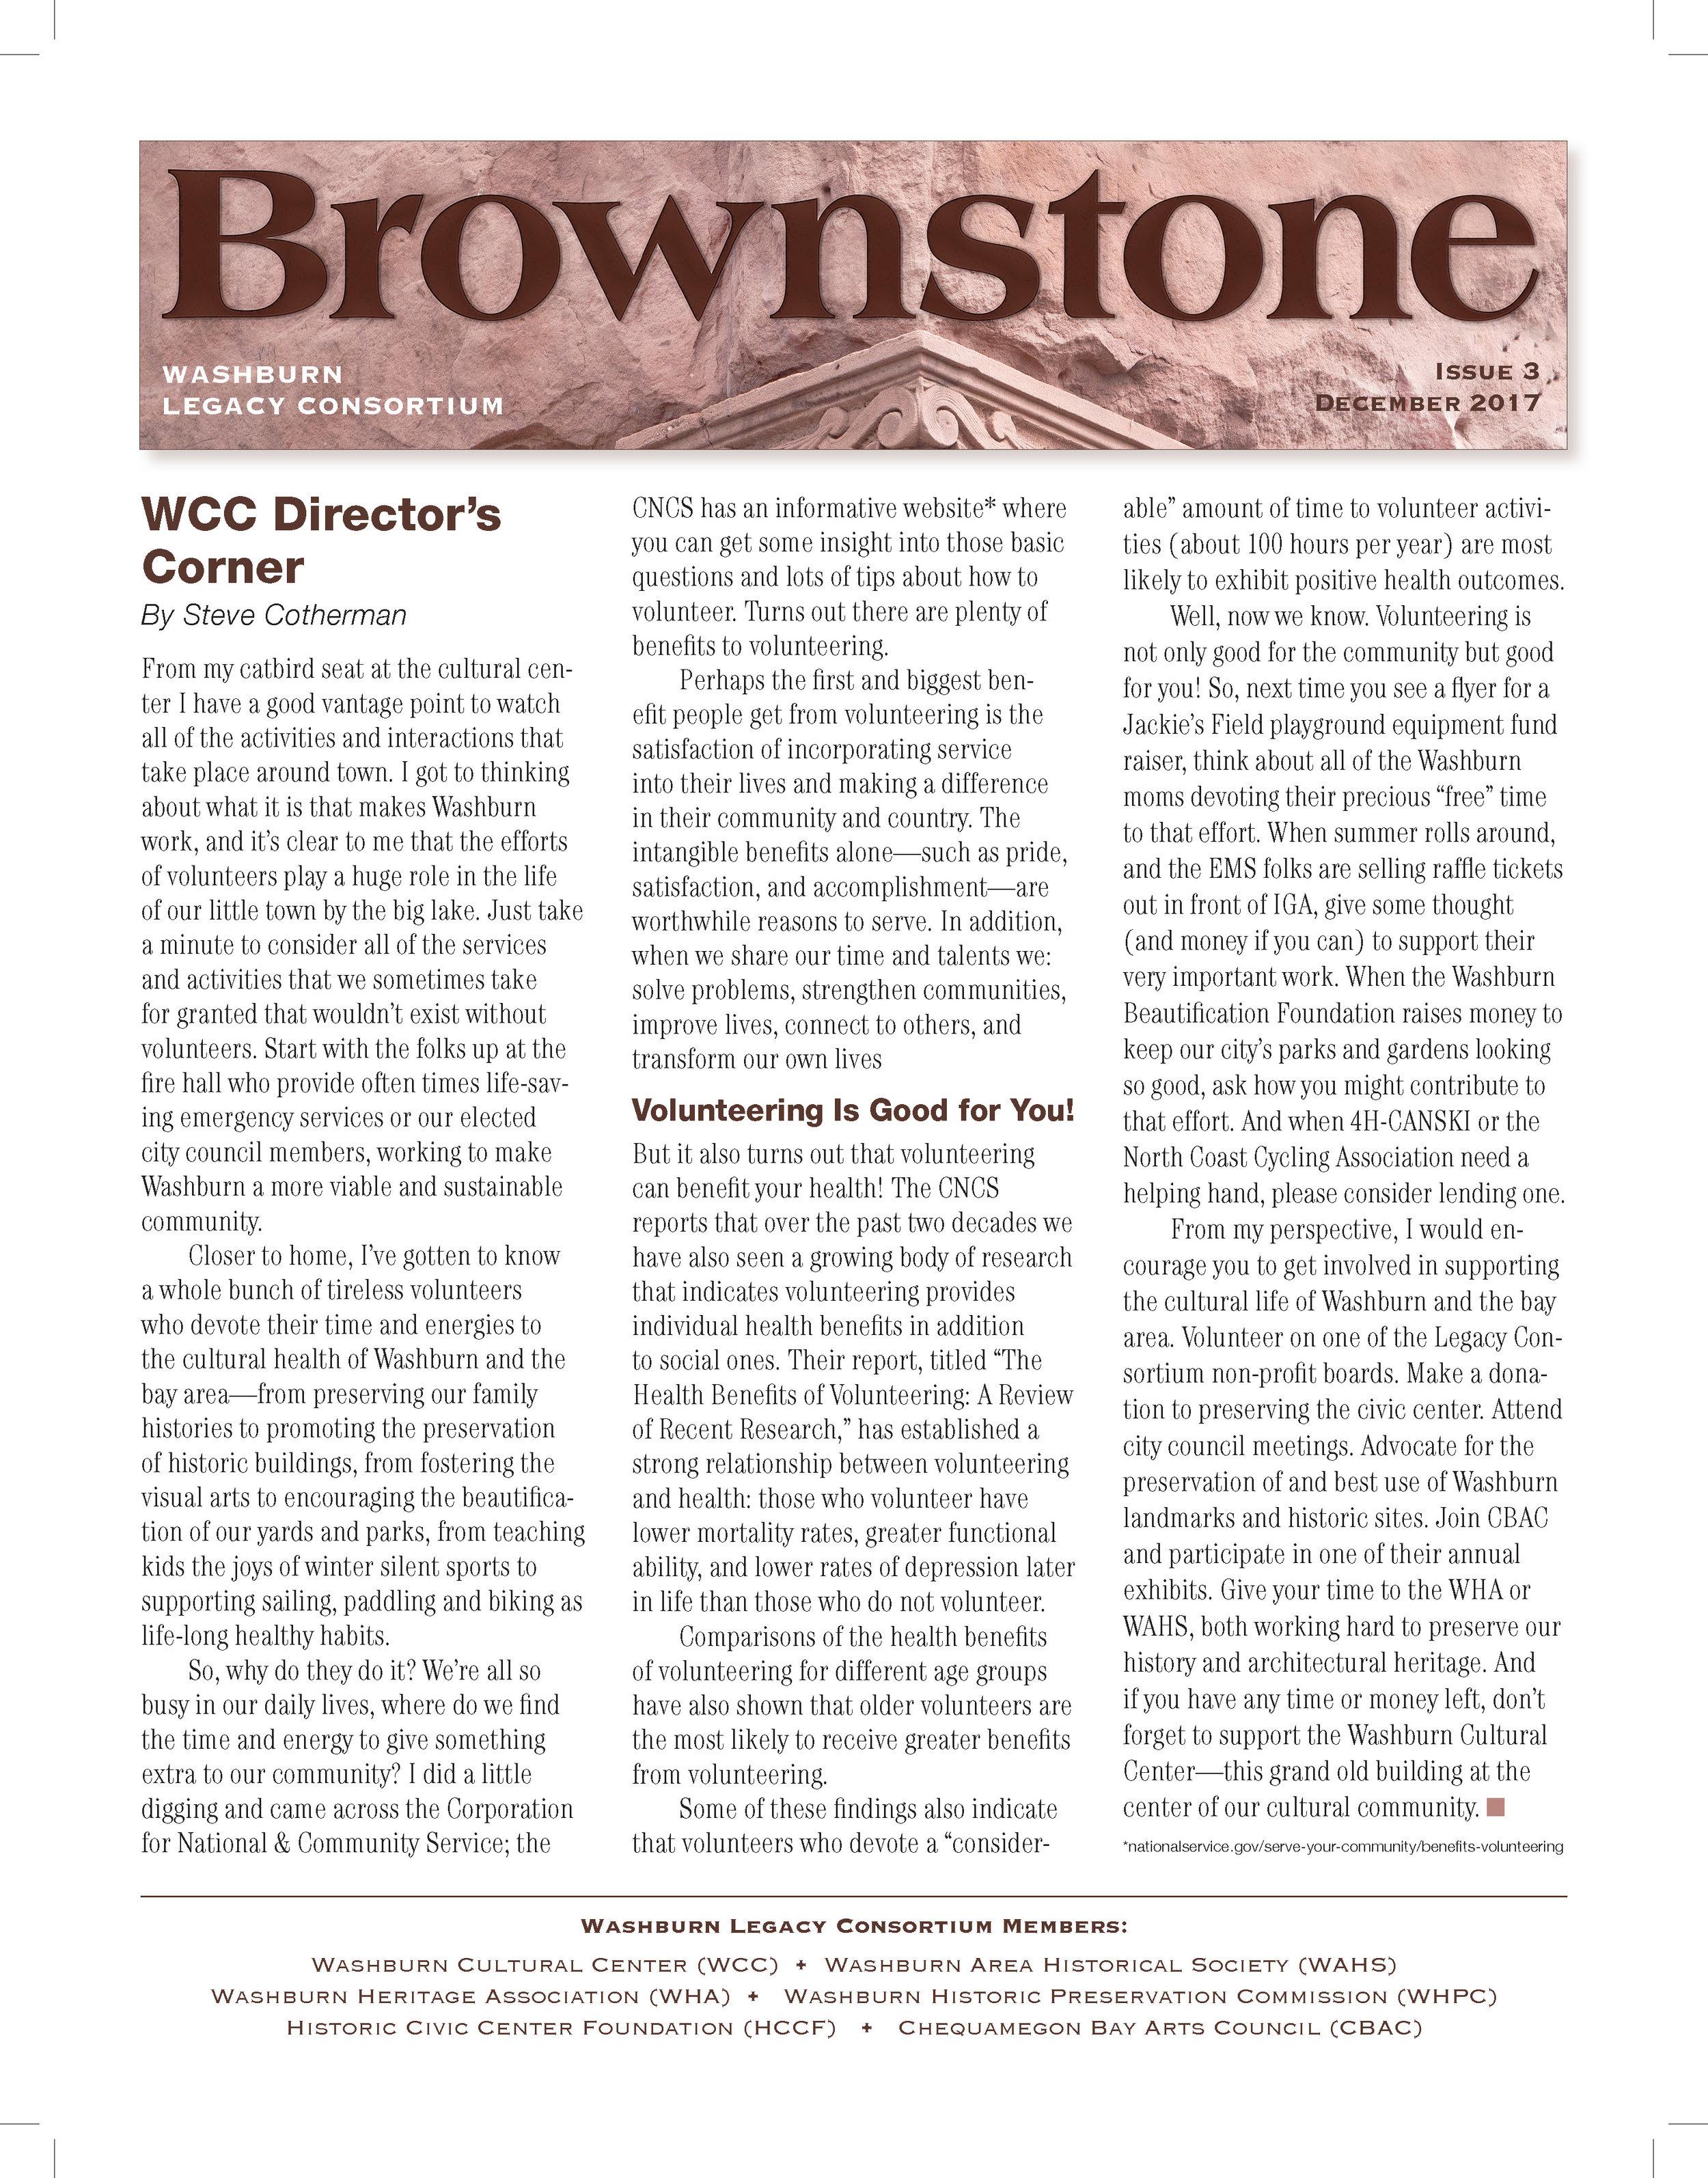 Brownstone_11.27.17_FINAL_Page_1.jpg